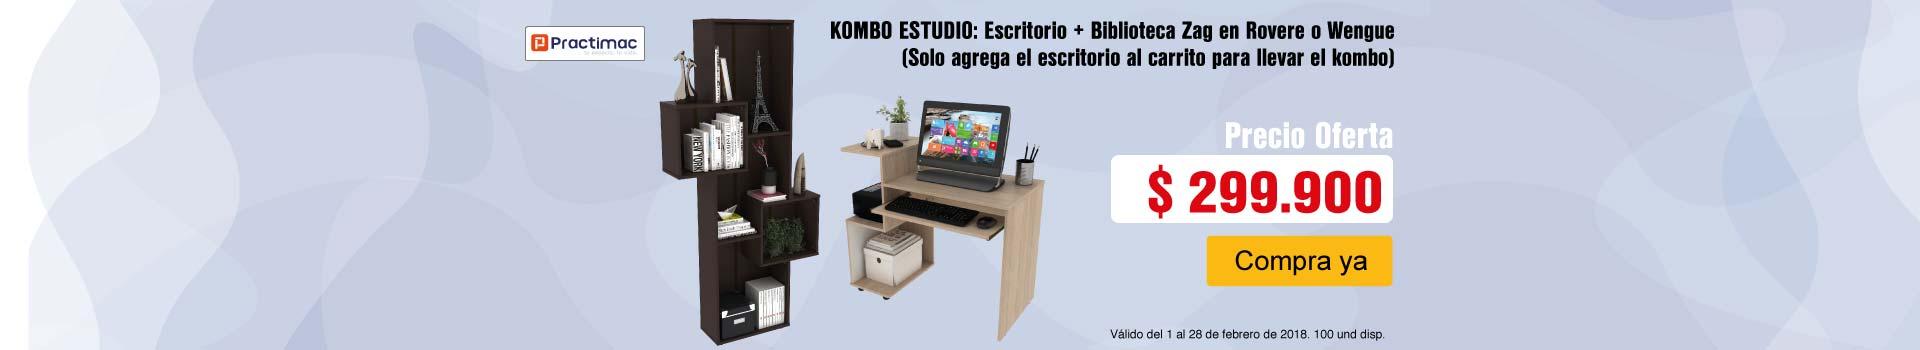 CAT AK-2-muebles-kombo-estudio-practimac-ene27-feb28